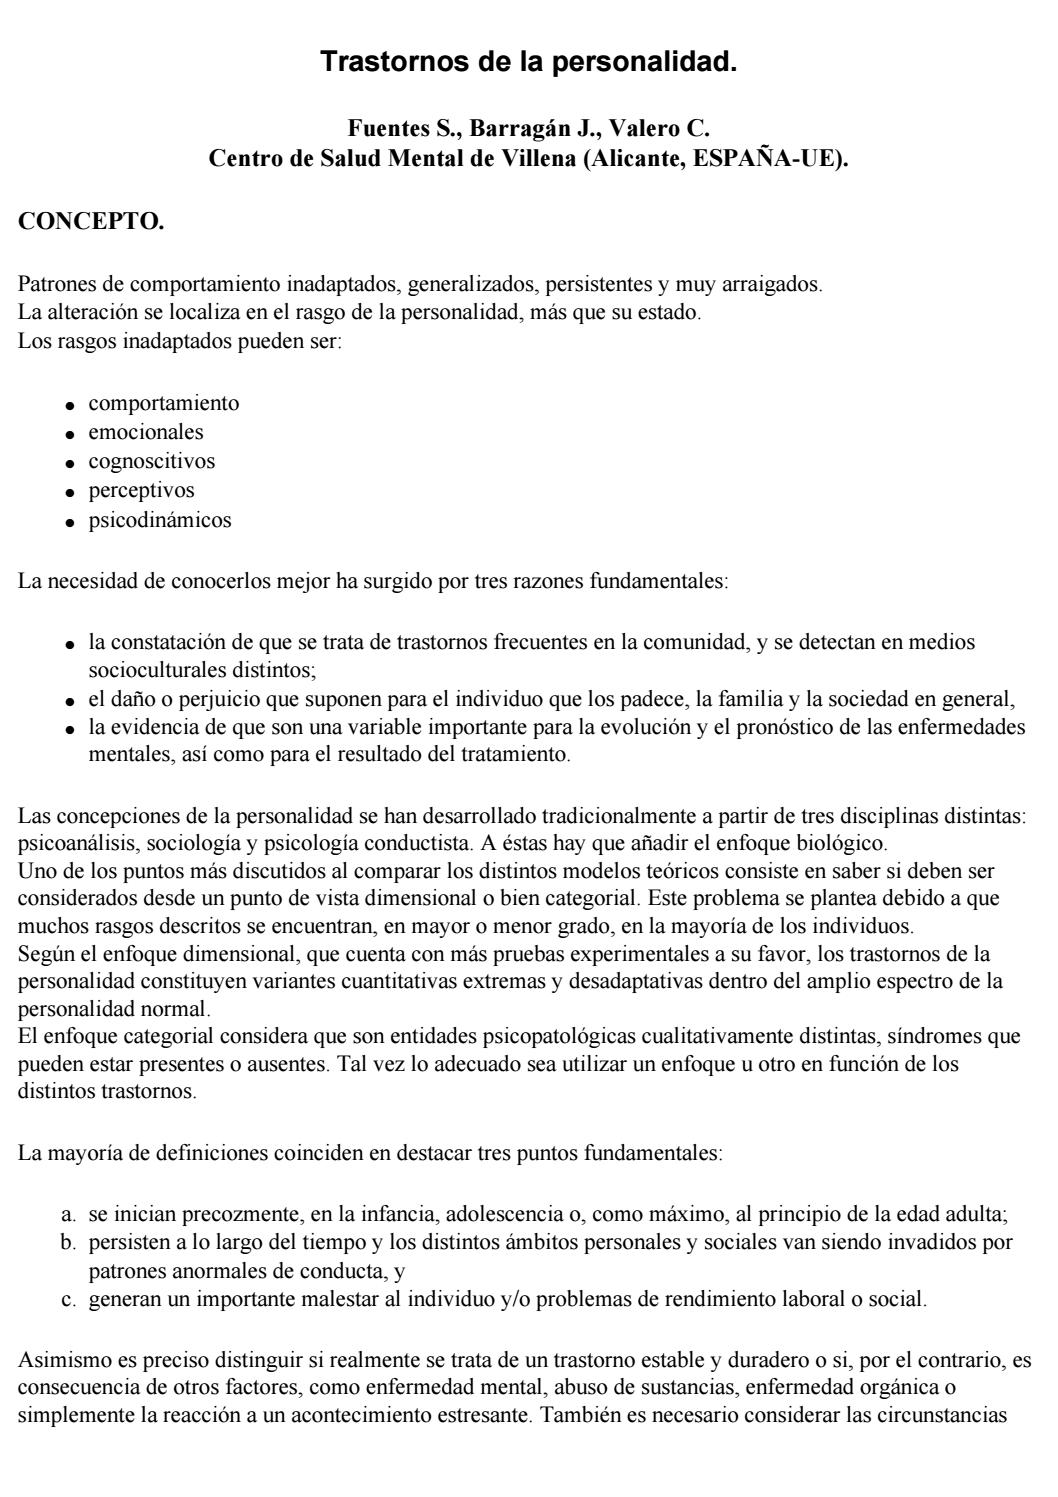 Trastornos de la personalidad by Laura Tochimani Vázquez - issuu